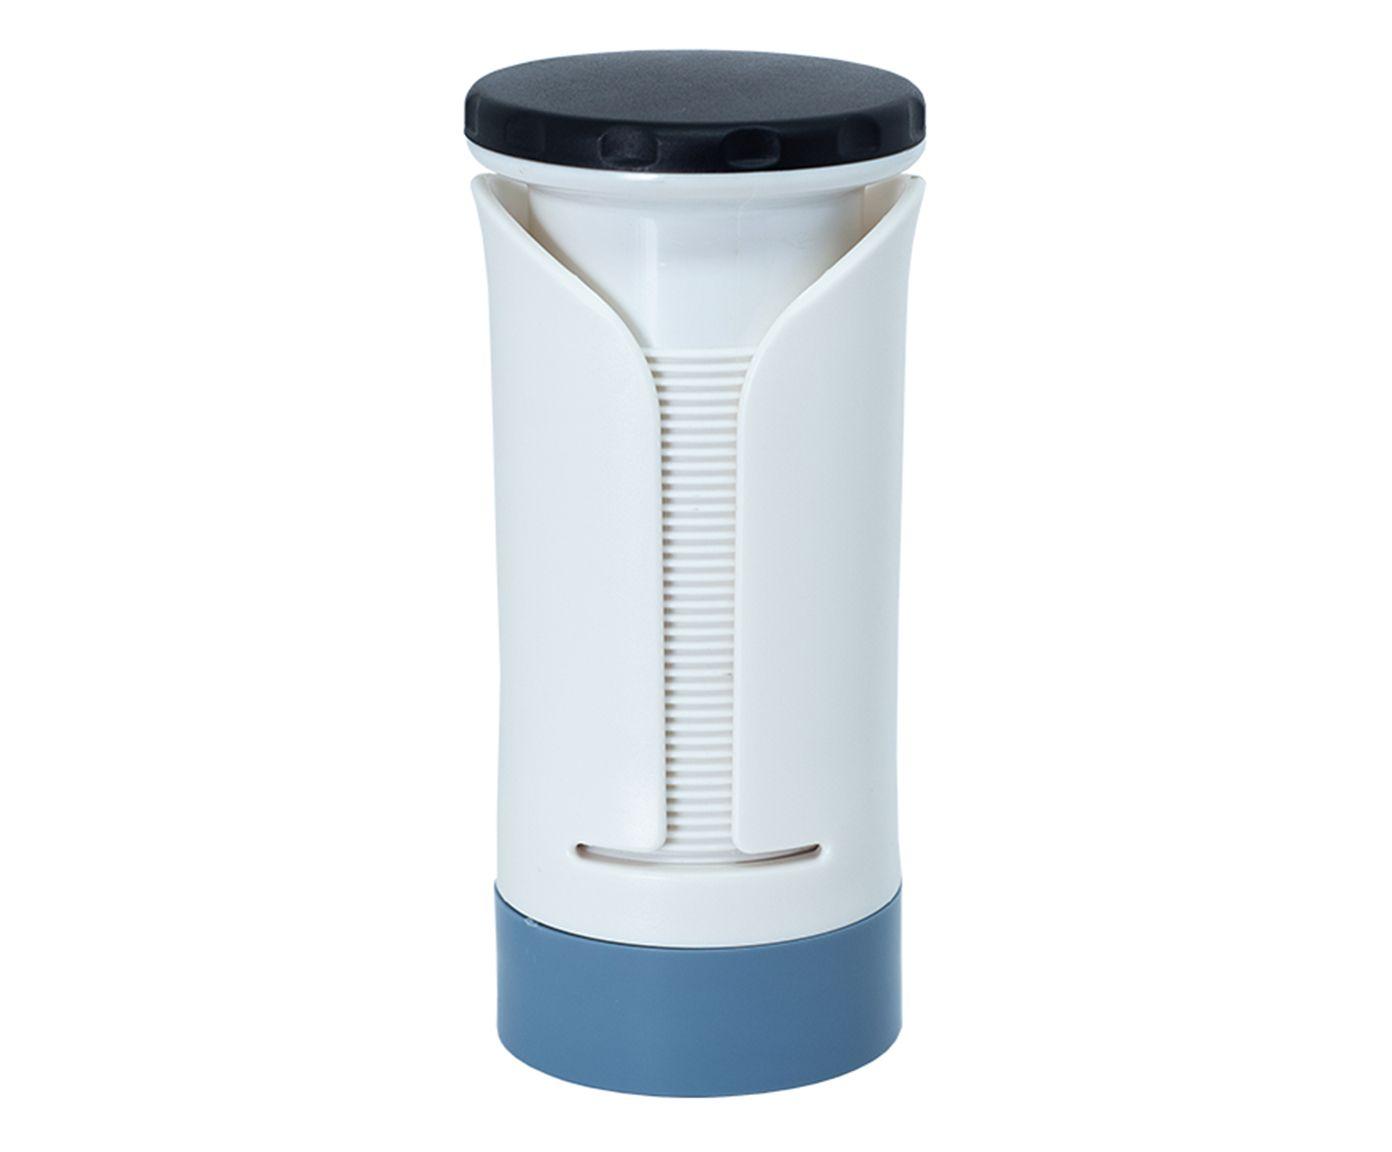 Espirilizador de Vegetais em Inox Charismatique Azul - 14,2X6,7cm | Westwing.com.br